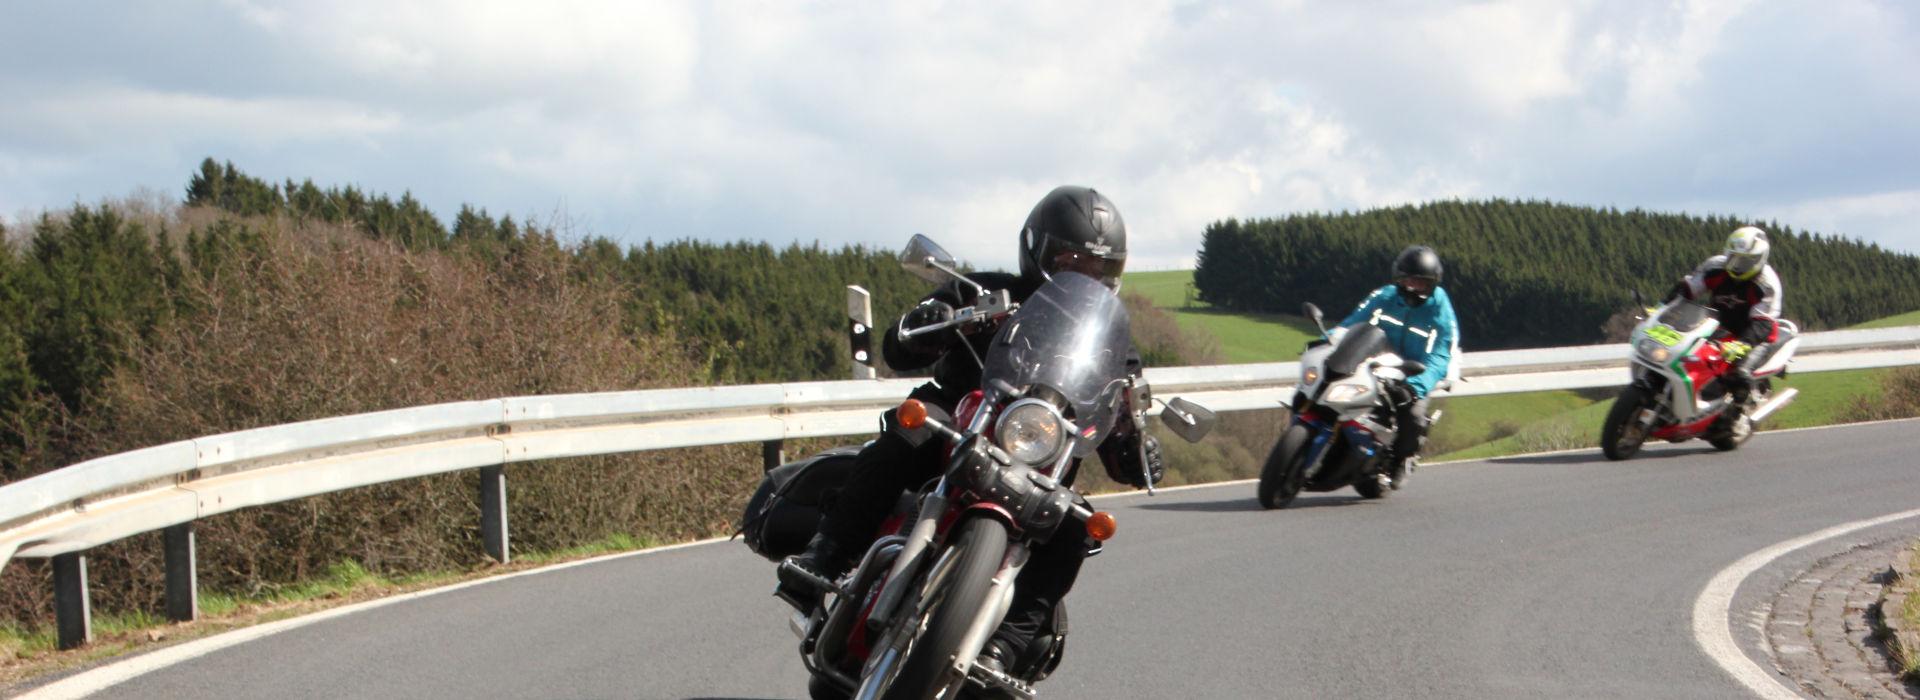 Motorrijschool Motorrijbewijspoint Middenbeemster motorrijlessen